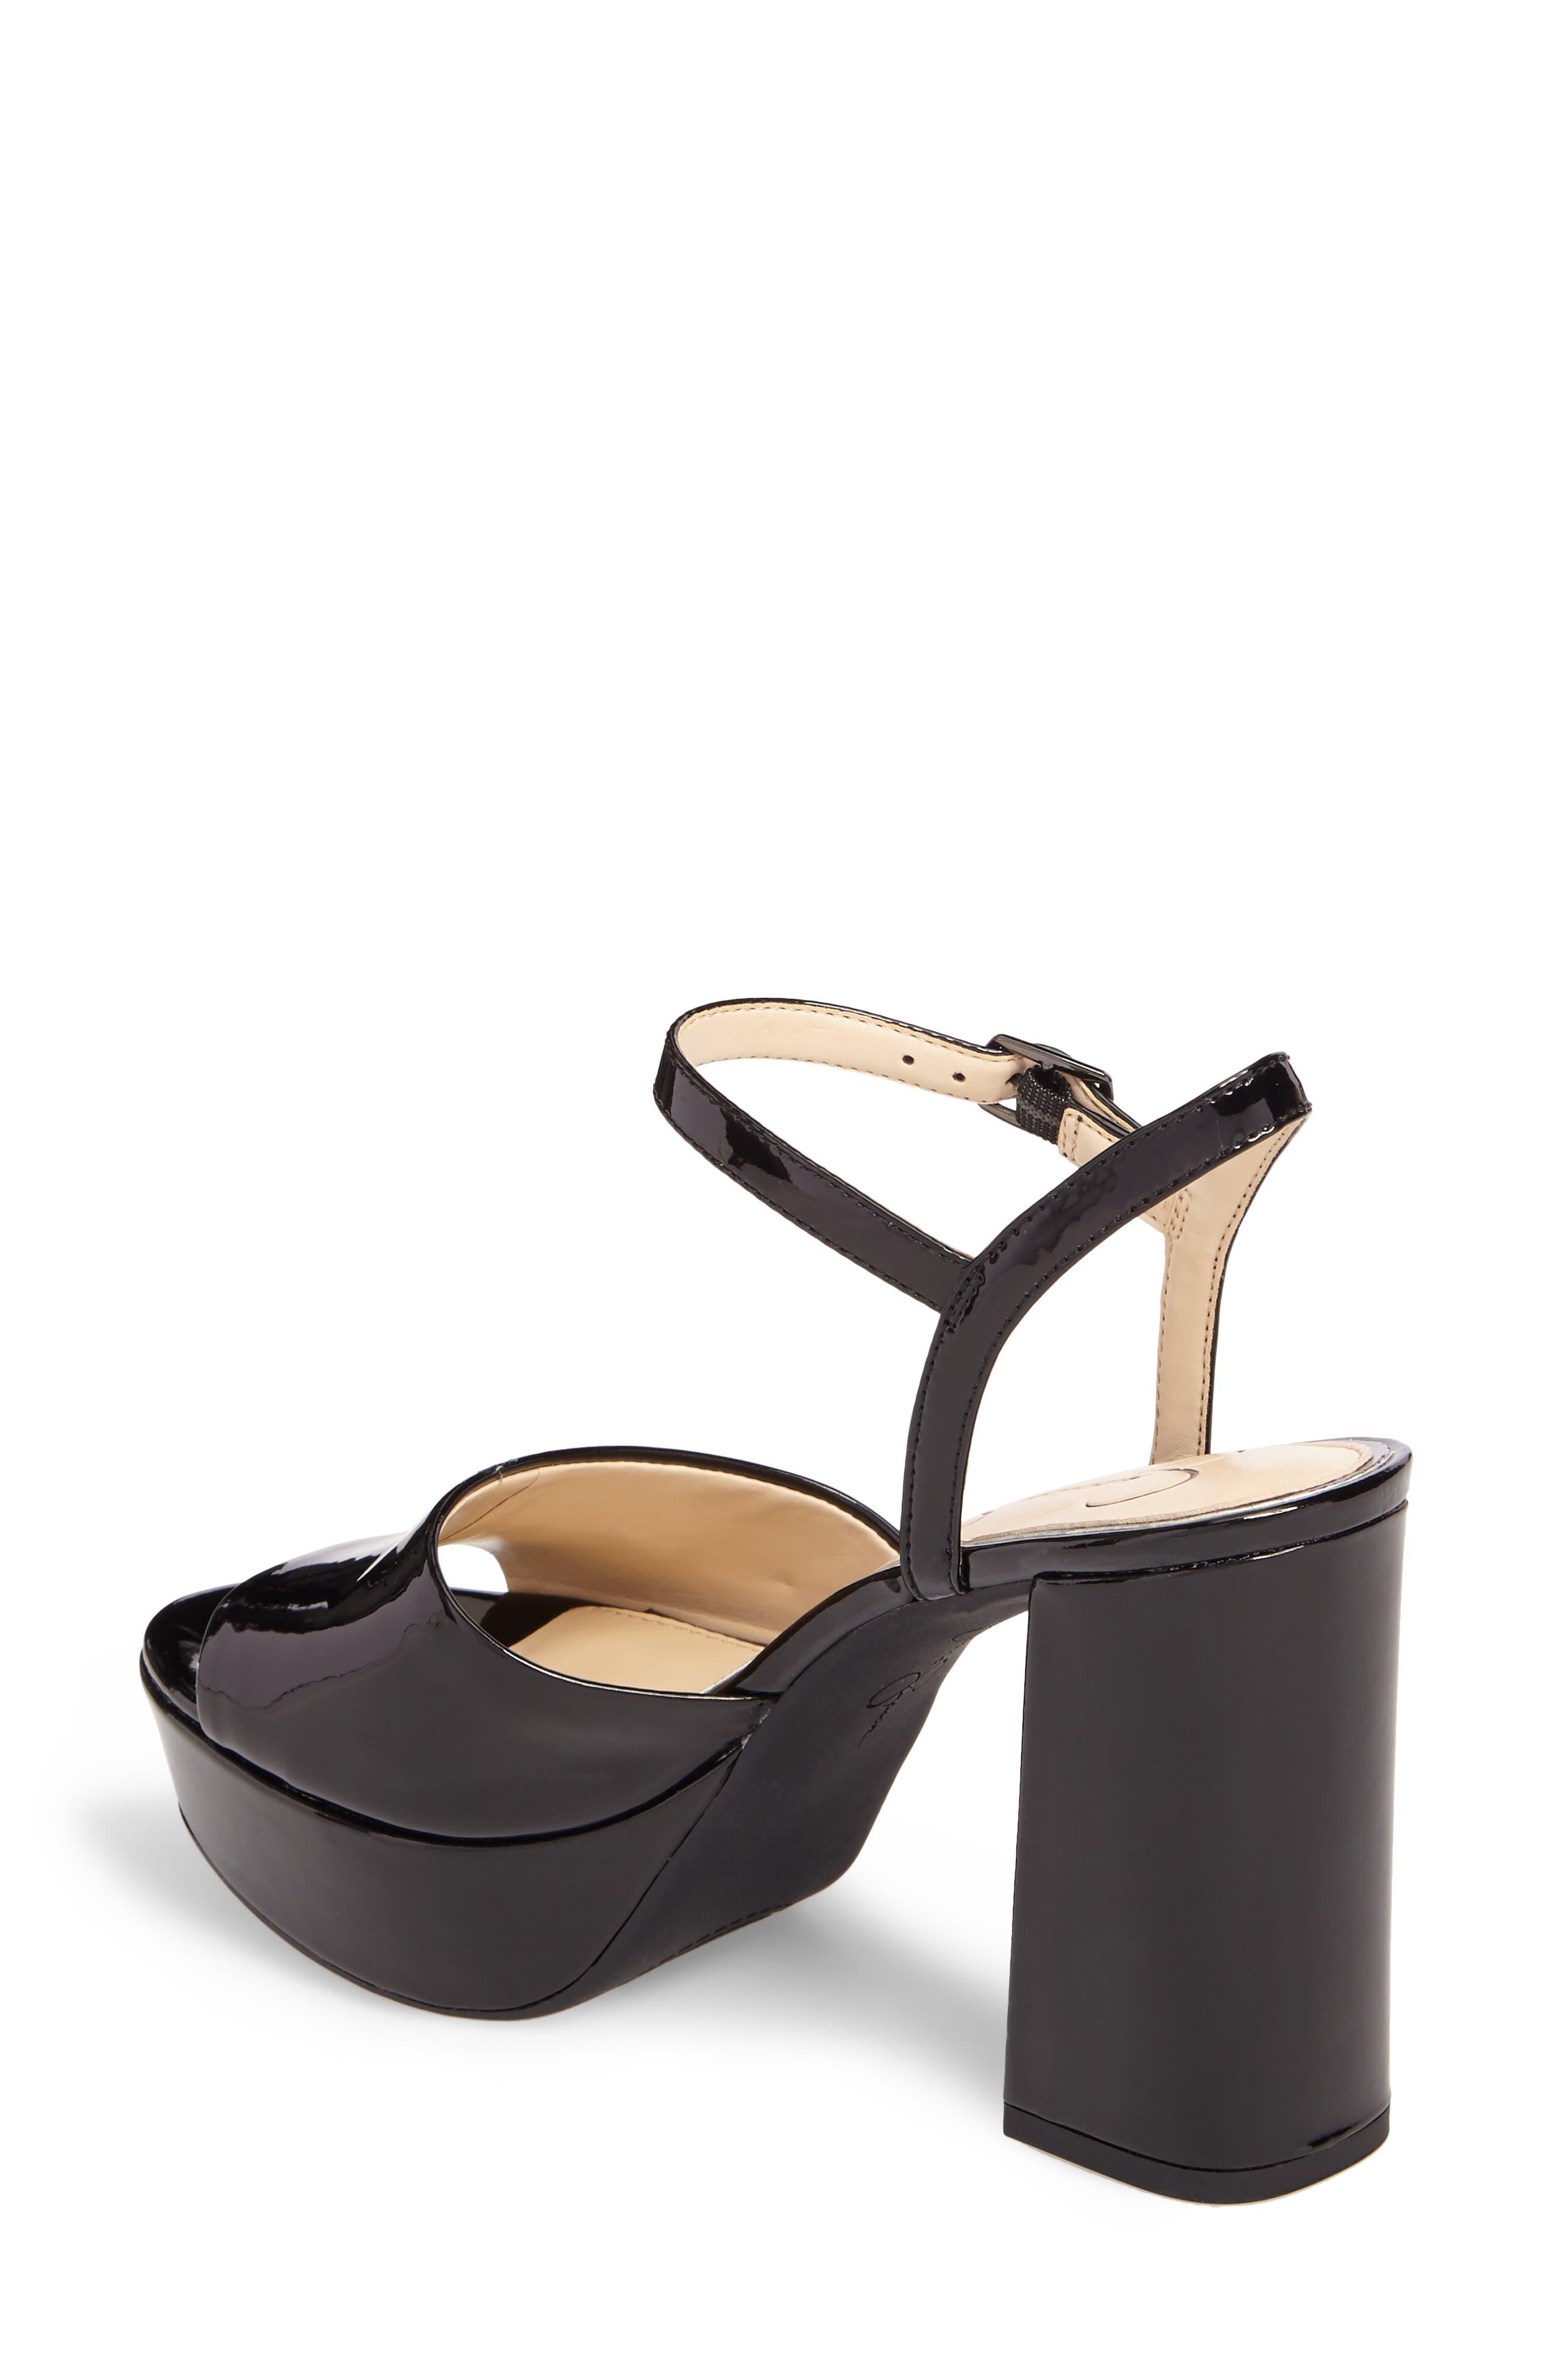 Kerrick Platform Sandal,                             Alternate thumbnail 2, color,                             Black Patent Leather